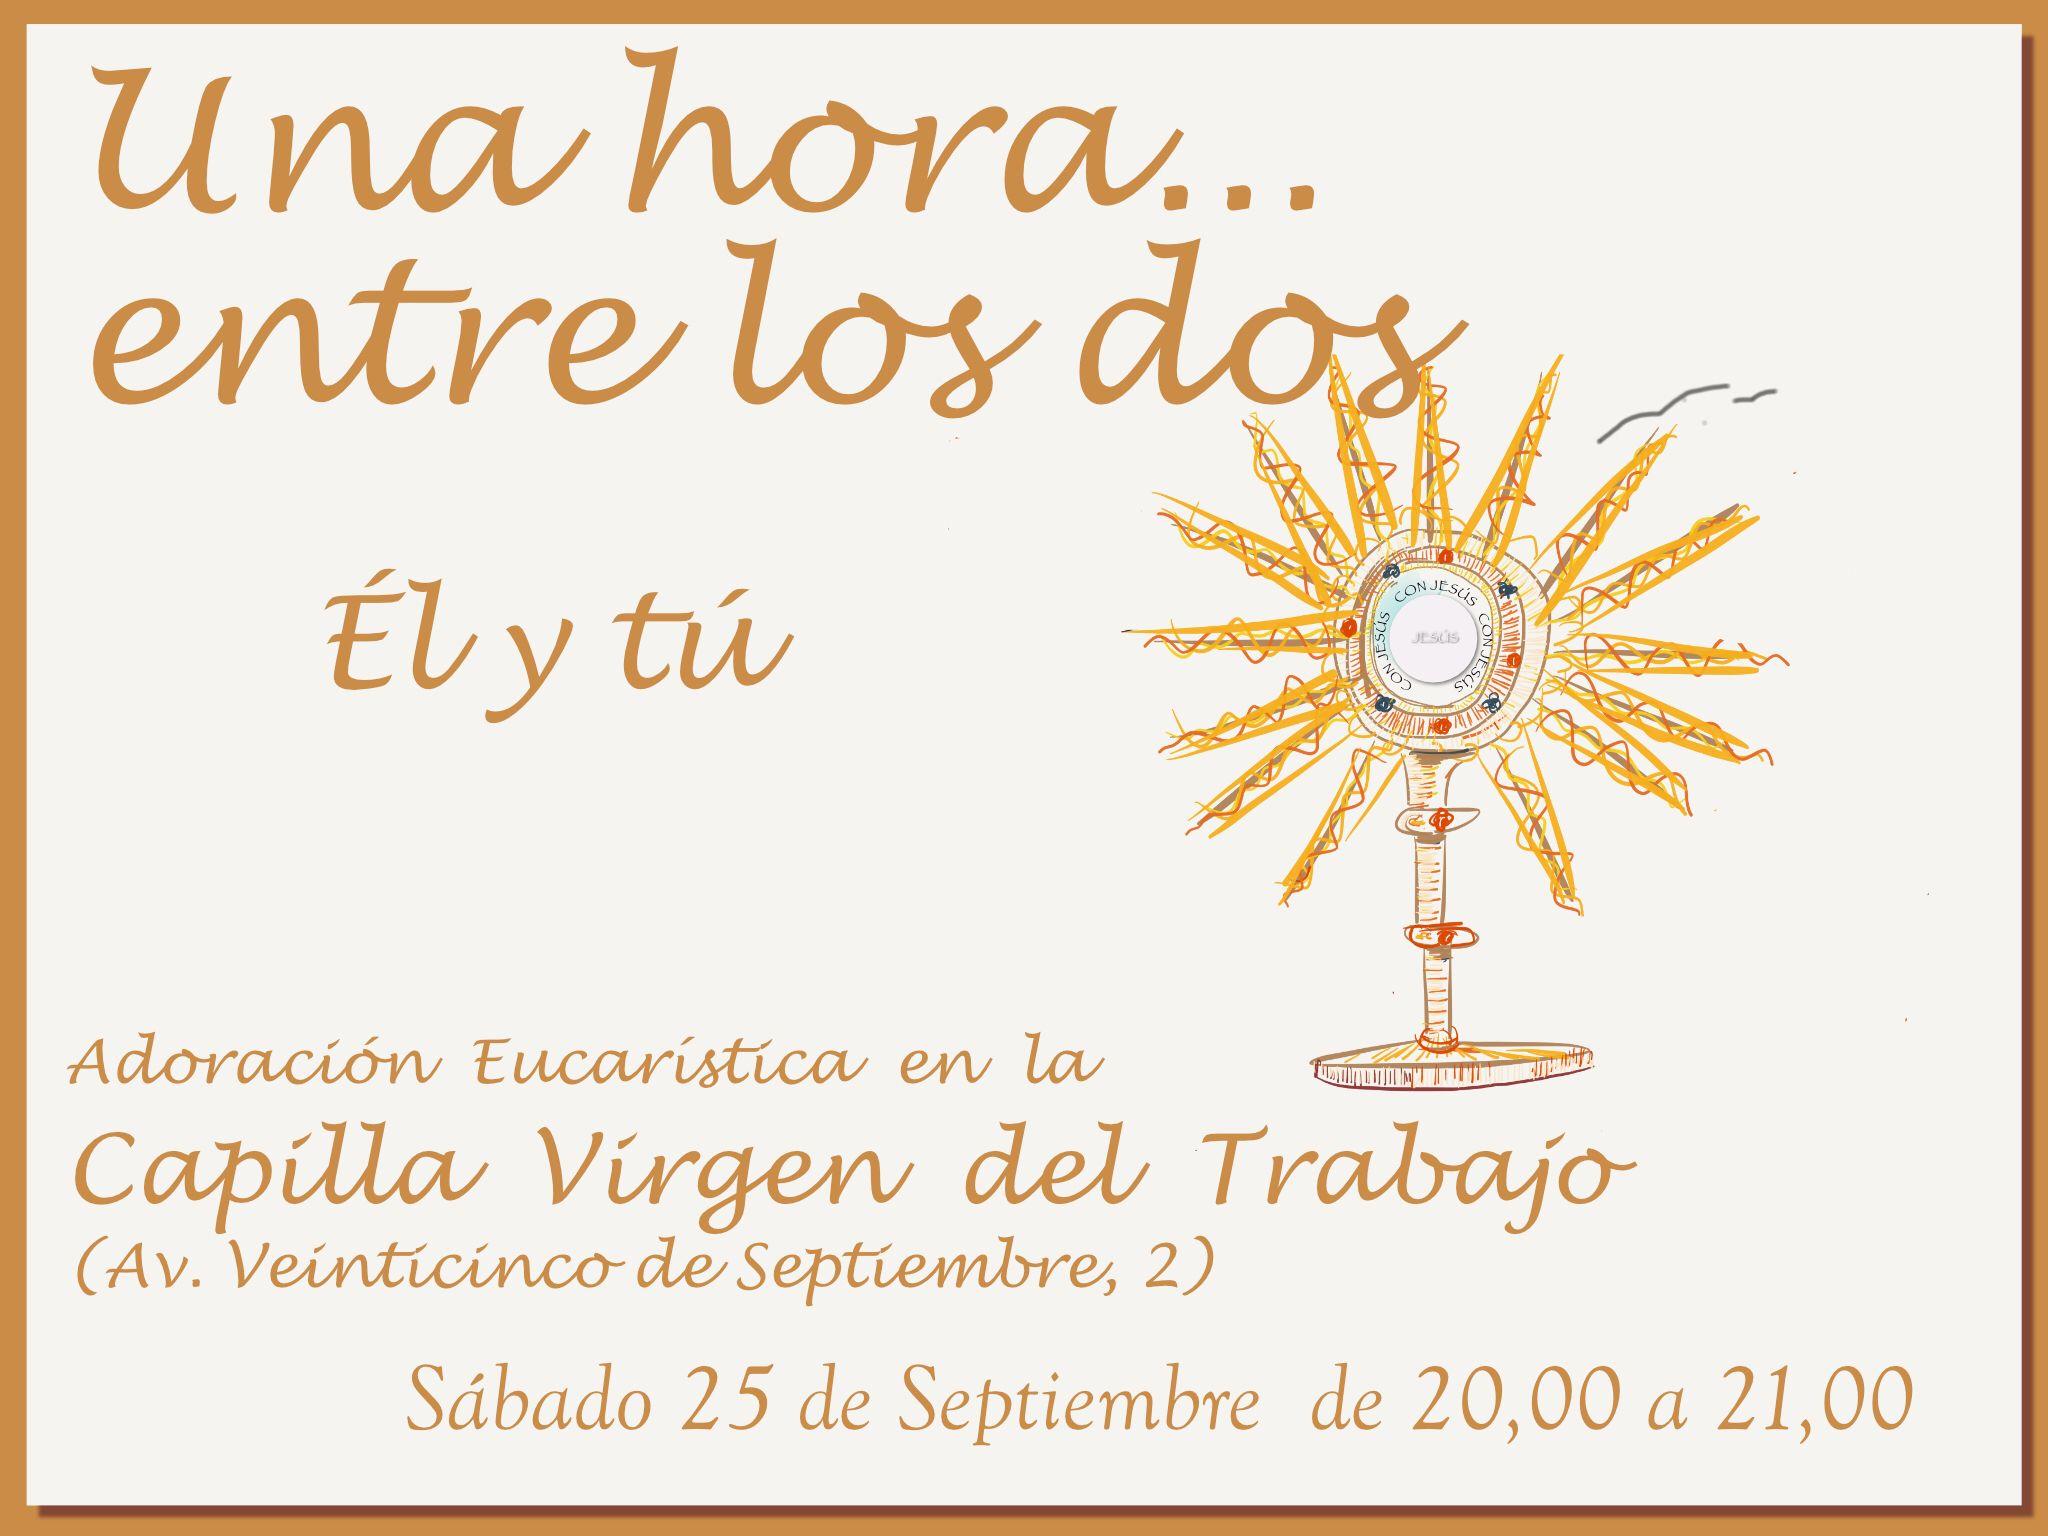 Este sábado hay Adoración en Virgen del Trabajo